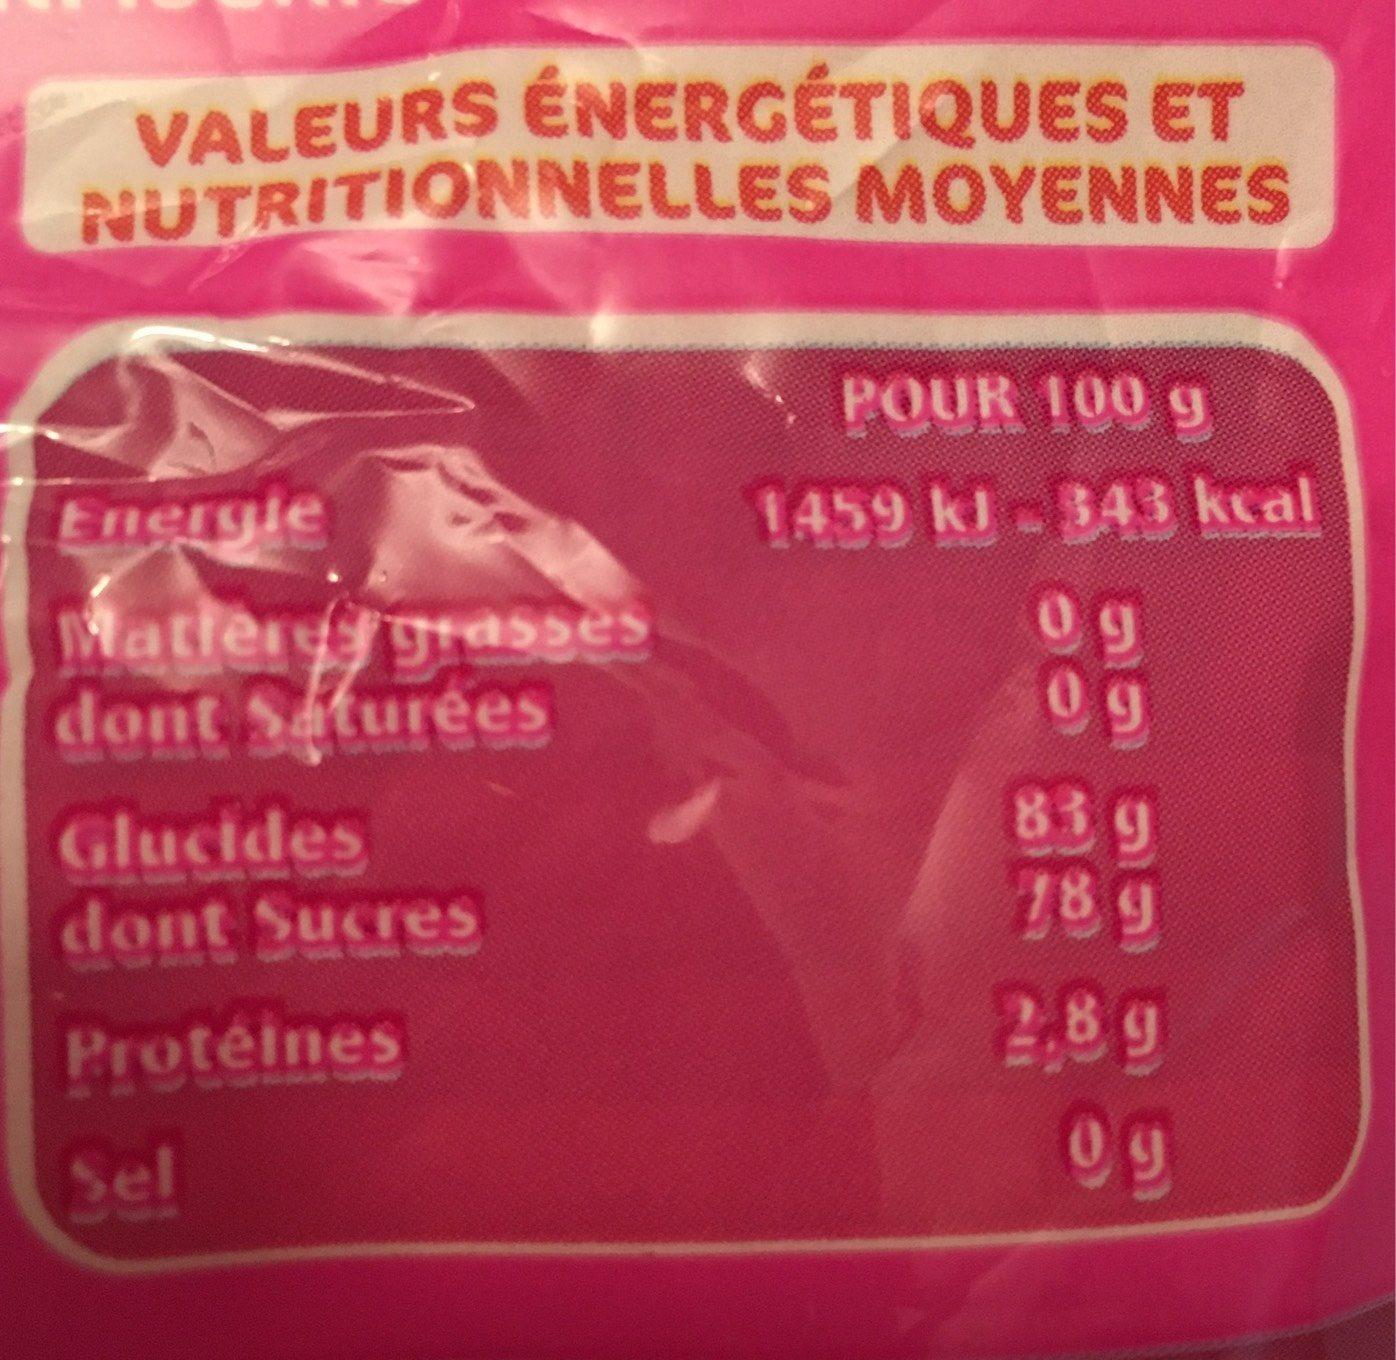 Fraises - Goût fraise - Informations nutritionnelles - fr